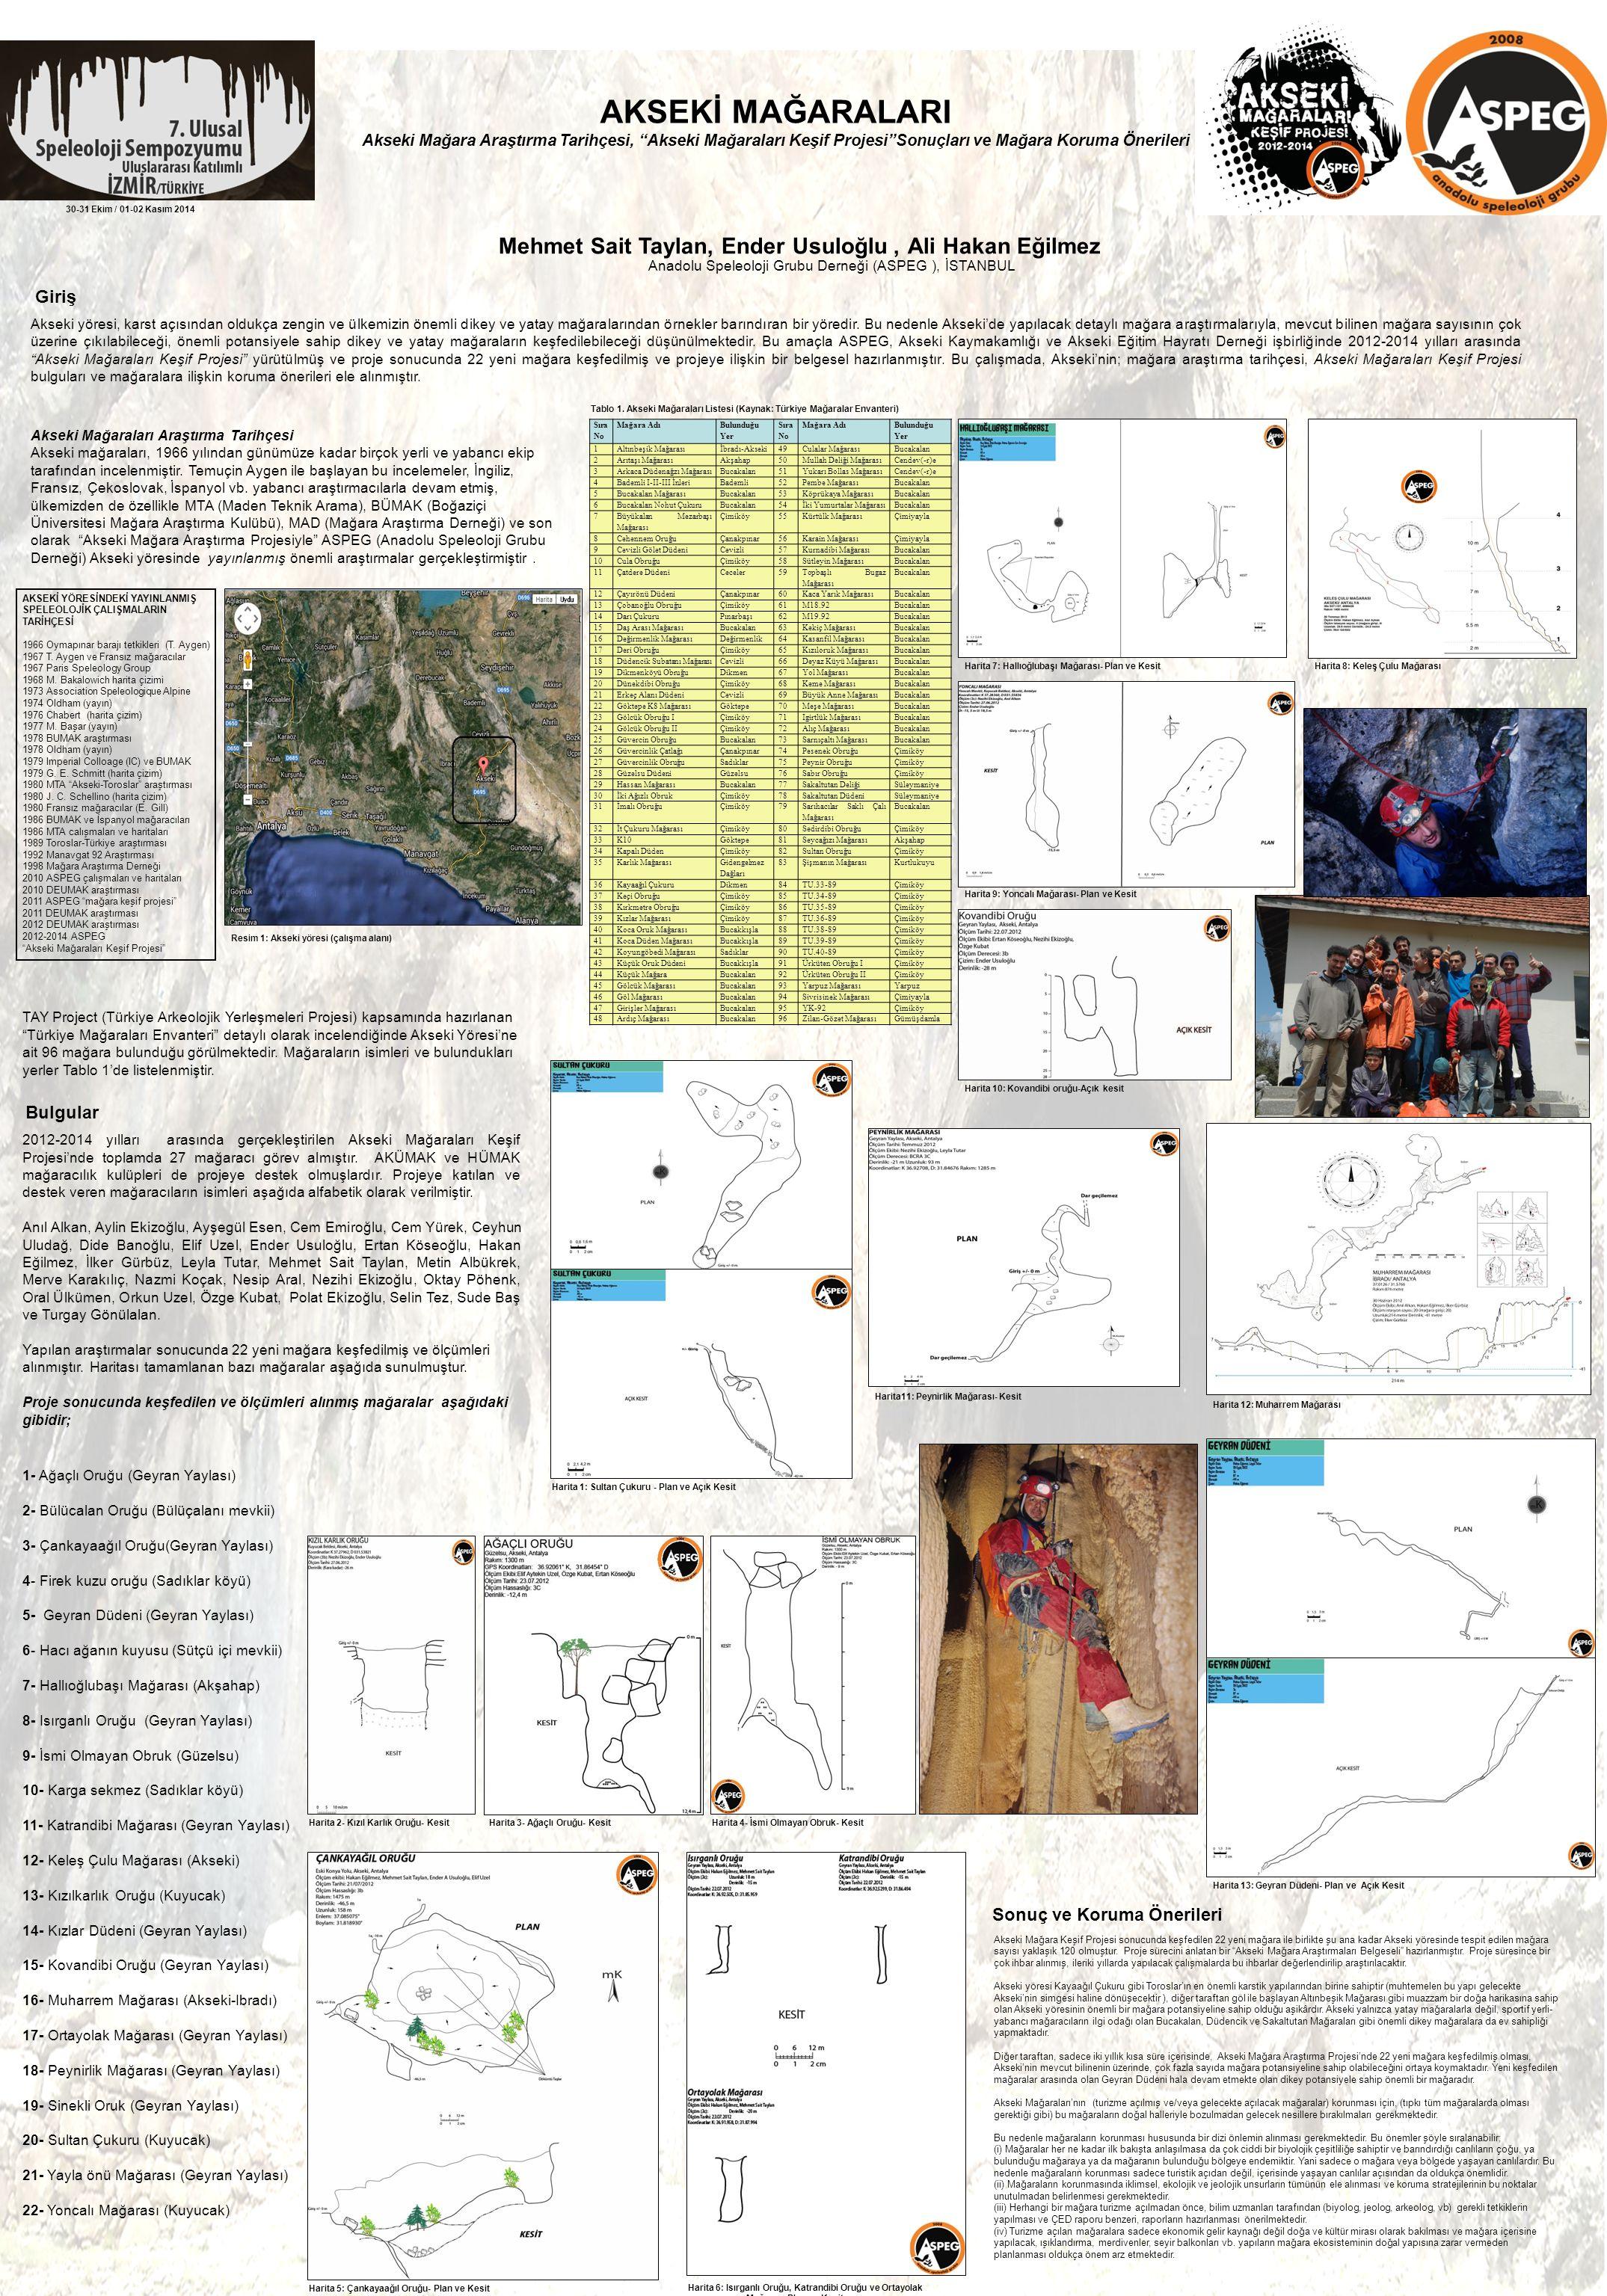 AKSEKİ MAĞARALARI Akseki Mağara Araştırma Tarihçesi, Akseki Mağaraları Keşif Projesi Sonuçları ve Mağara Koruma Önerileri Mehmet Sait Taylan, Ender Usuloğlu, Ali Hakan Eğilmez Anadolu Speleoloji Grubu Derneği (ASPEG ), İSTANBUL Akseki yöresi, karst açısından oldukça zengin ve ülkemizin önemli dikey ve yatay mağaralarından örnekler barındıran bir yöredir.